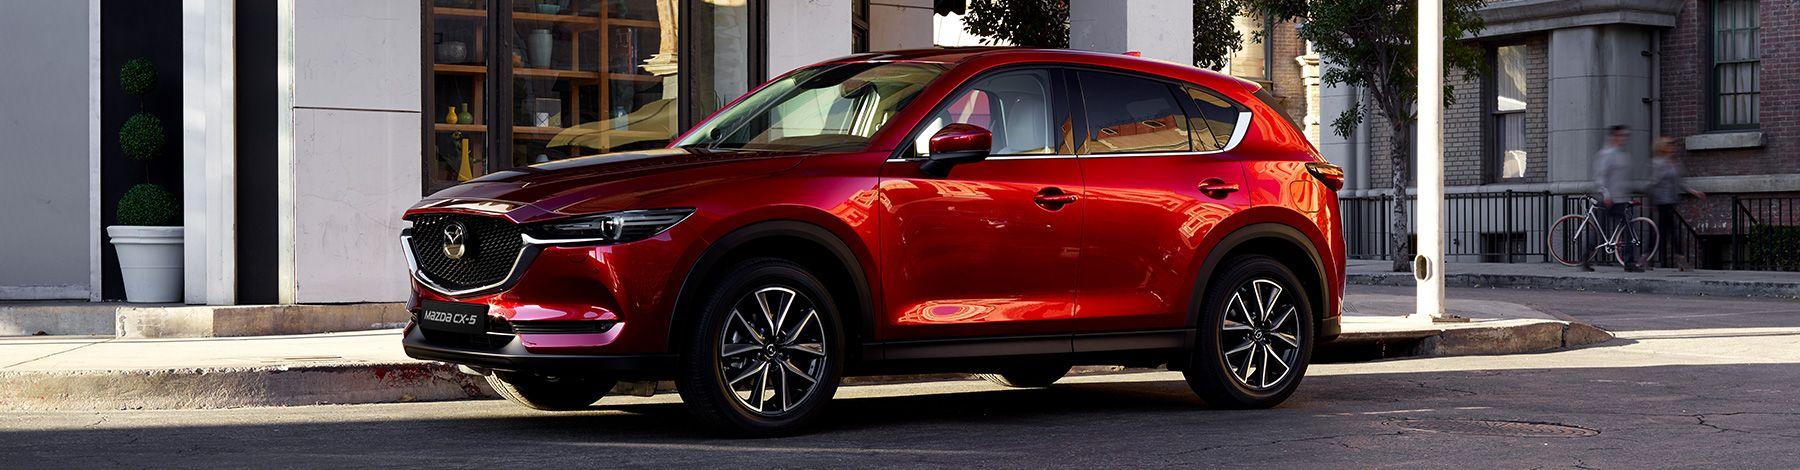 Mit Dem Neuen Mazda Cx 5 Stellen Wir Einen Mittelklasse Suv Vor Der Sich Durch Die Weiterentwickelte Hochwertige Kodo Designevolution Mazda Mazda Cx 5 Fahren